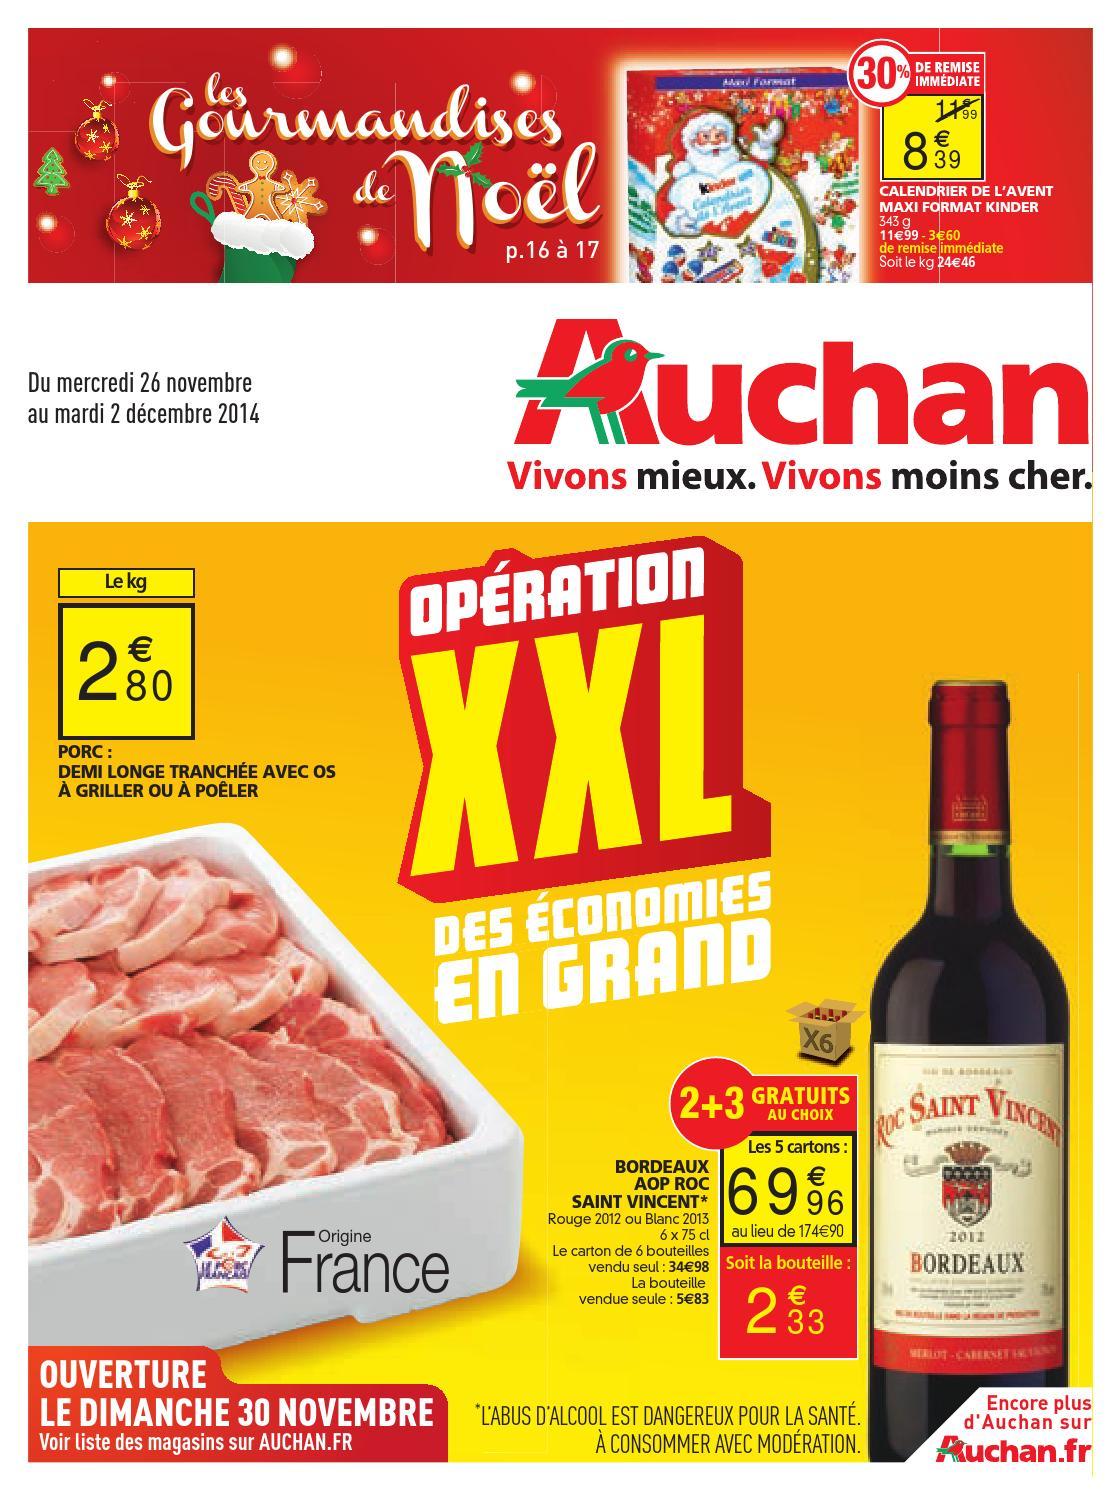 Calendrier De Lavent Kinder 343 G.Auchan Catalogue 26novembre 2decembre2014 By Promocatalogues